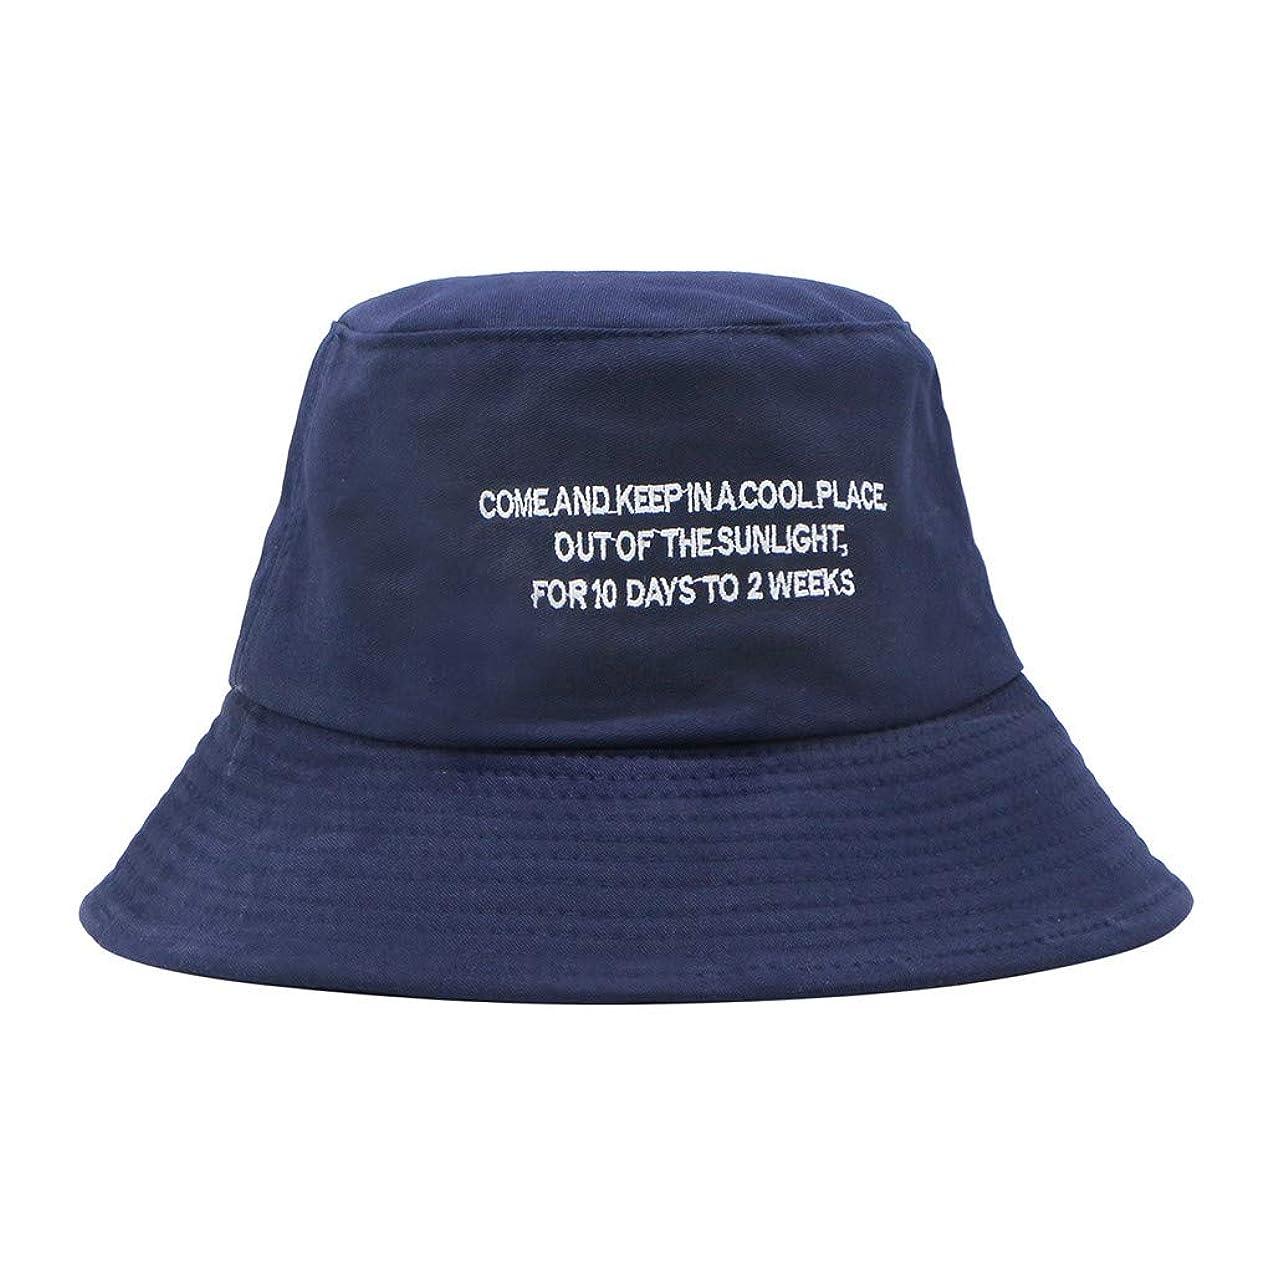 内向きブラジャー回復する帽子 レディース 漁師の帽子 日よけ帽子 つば広 紫外線対策 小顔効果 夏季 女優帽 UVカット 高性能 高耐久性 春夏 UVカット 旅行 折りたたみ 綿 ハット メンズ 大きいサイズ ニット帽 キャップ 鉛筆 ROSE ROMAN